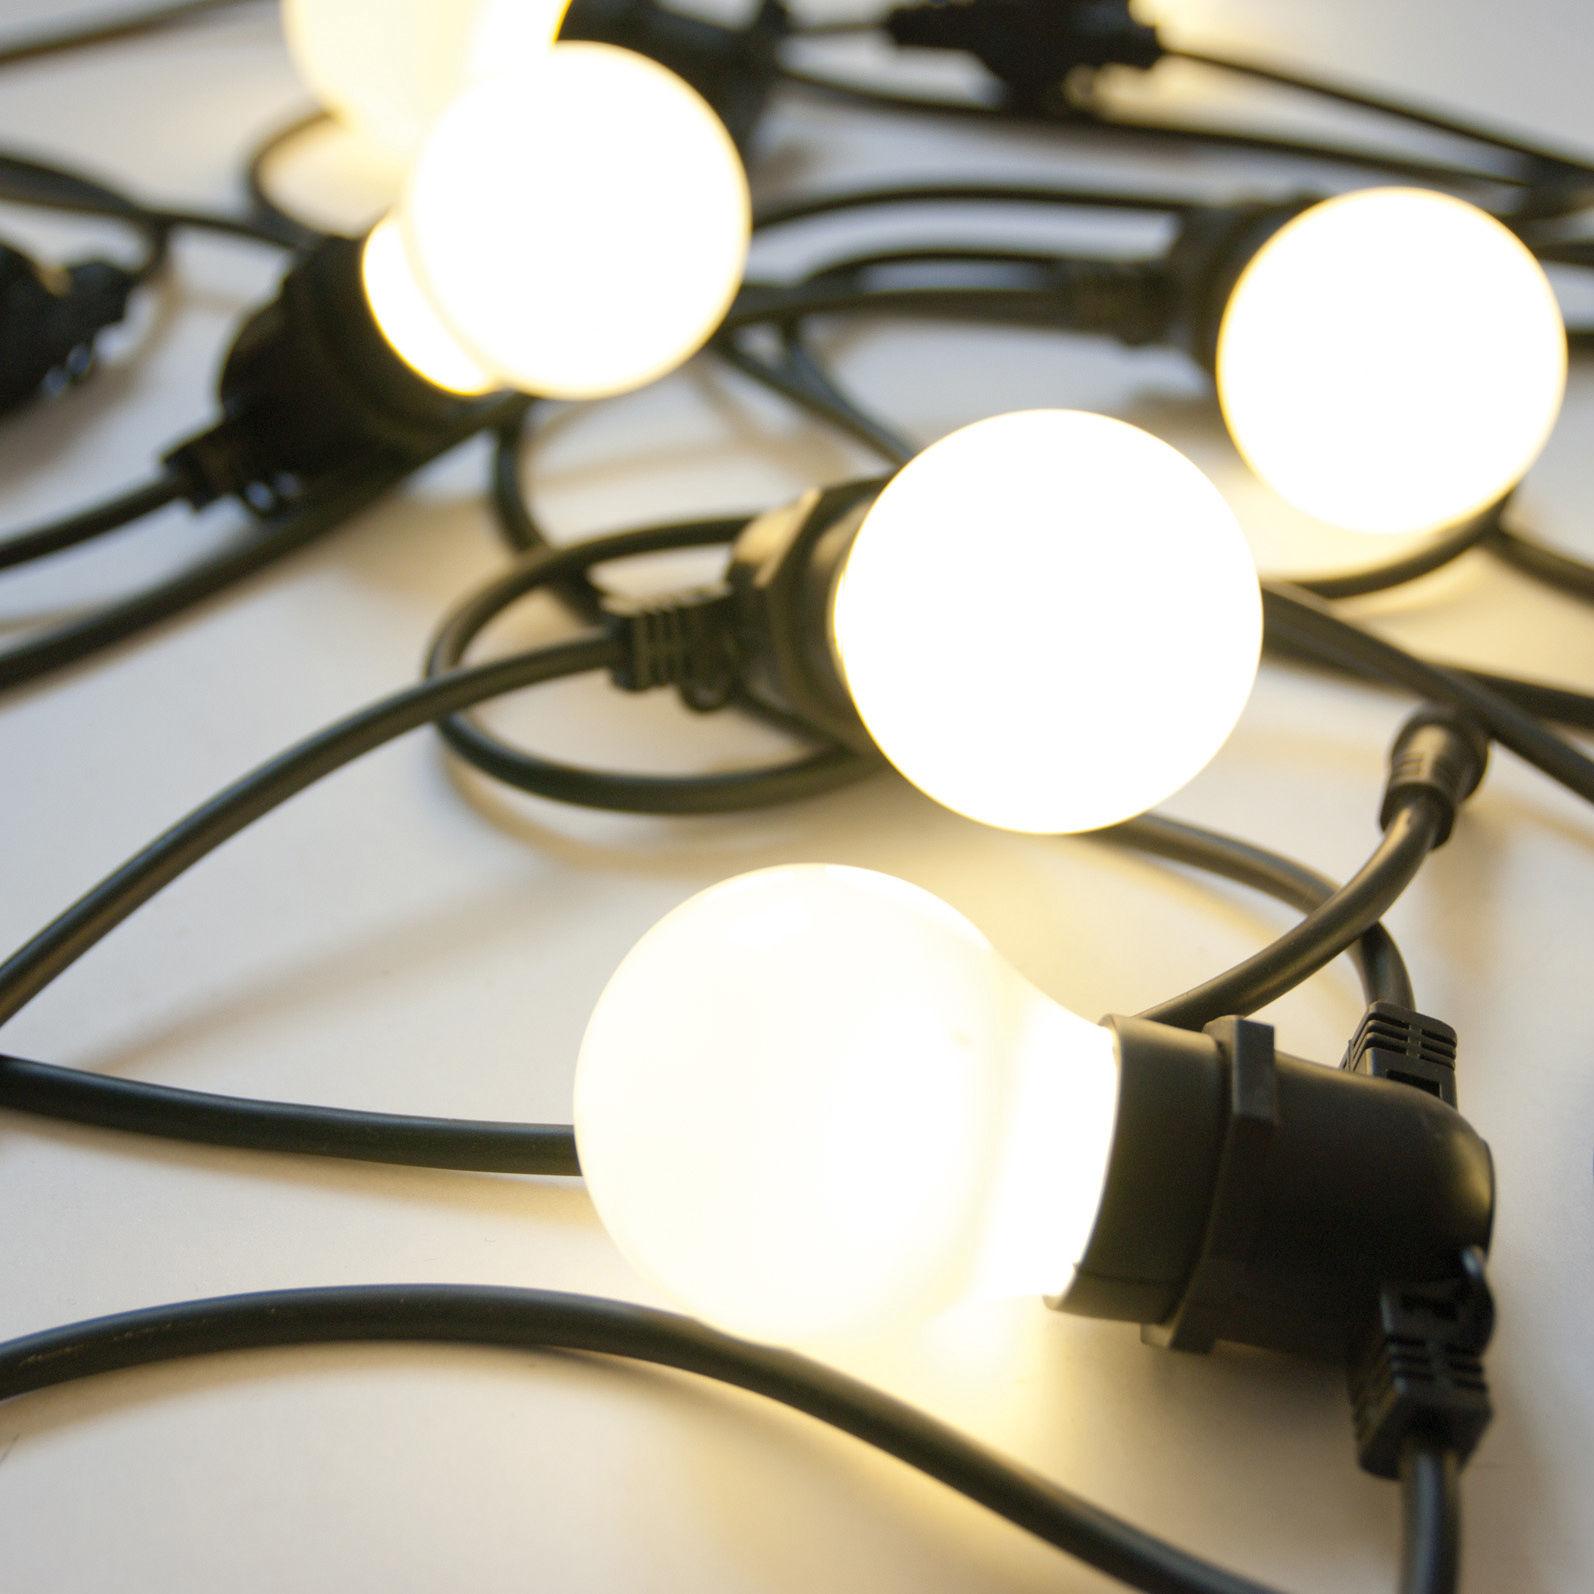 Illuminazione - Illuminazione da esterni - Ghirlanda luminosa Bella Vista - LED - Per esterno di Seletti - Cavo nero - Gomma